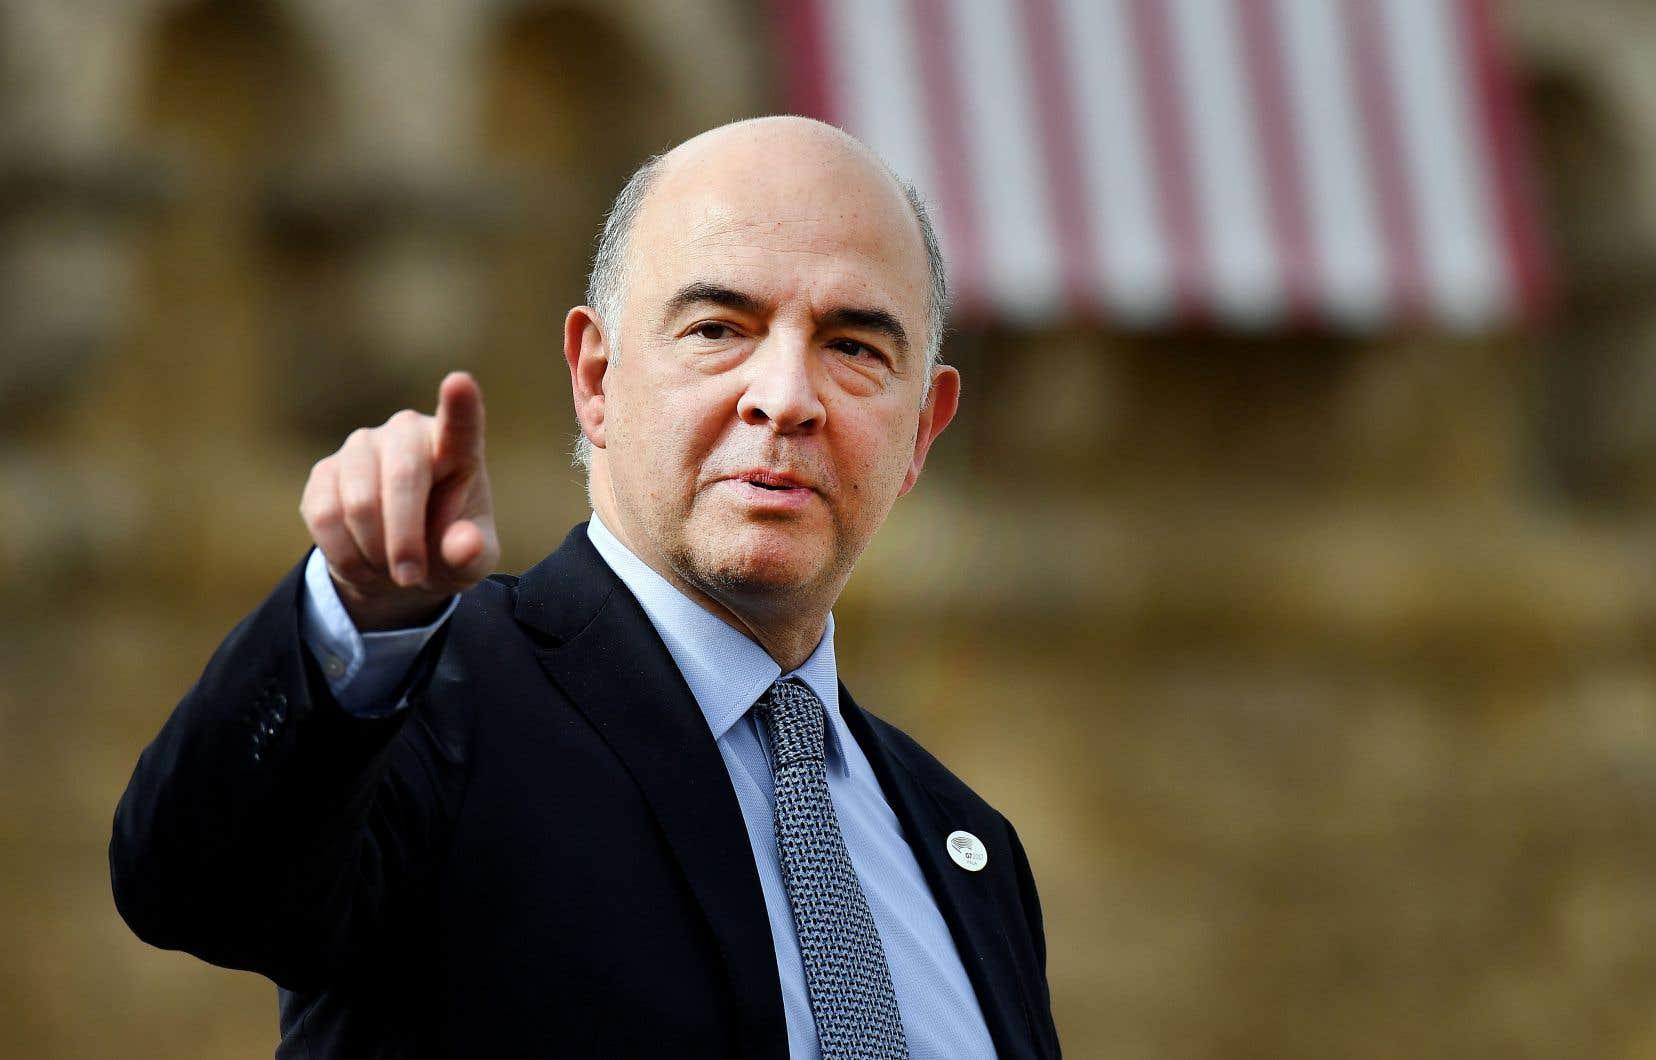 Selon Pierre Moscovici, les causes de la montée du populisme ne sont pas à Bruxelles, elles tiennent essentiellement au nationalisme.